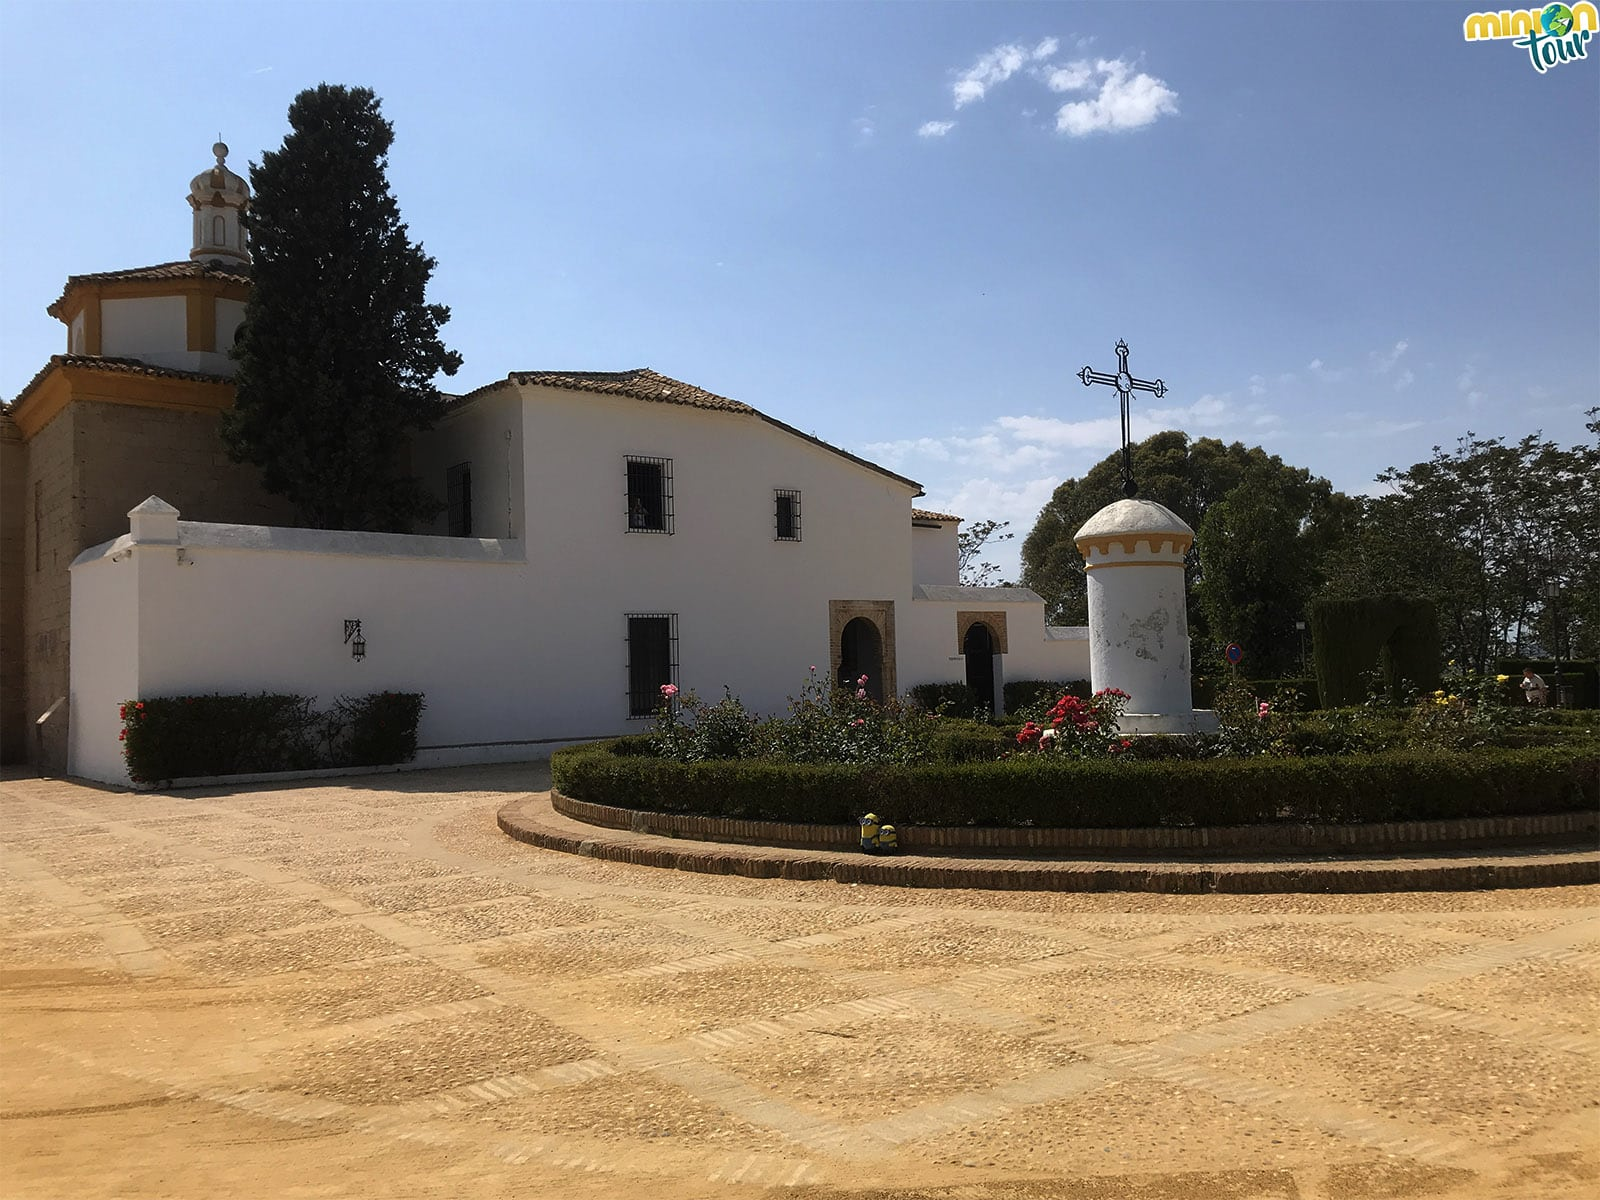 El Monasterio de La Rábida, ¿encontraremos a Cristóbal Colón?